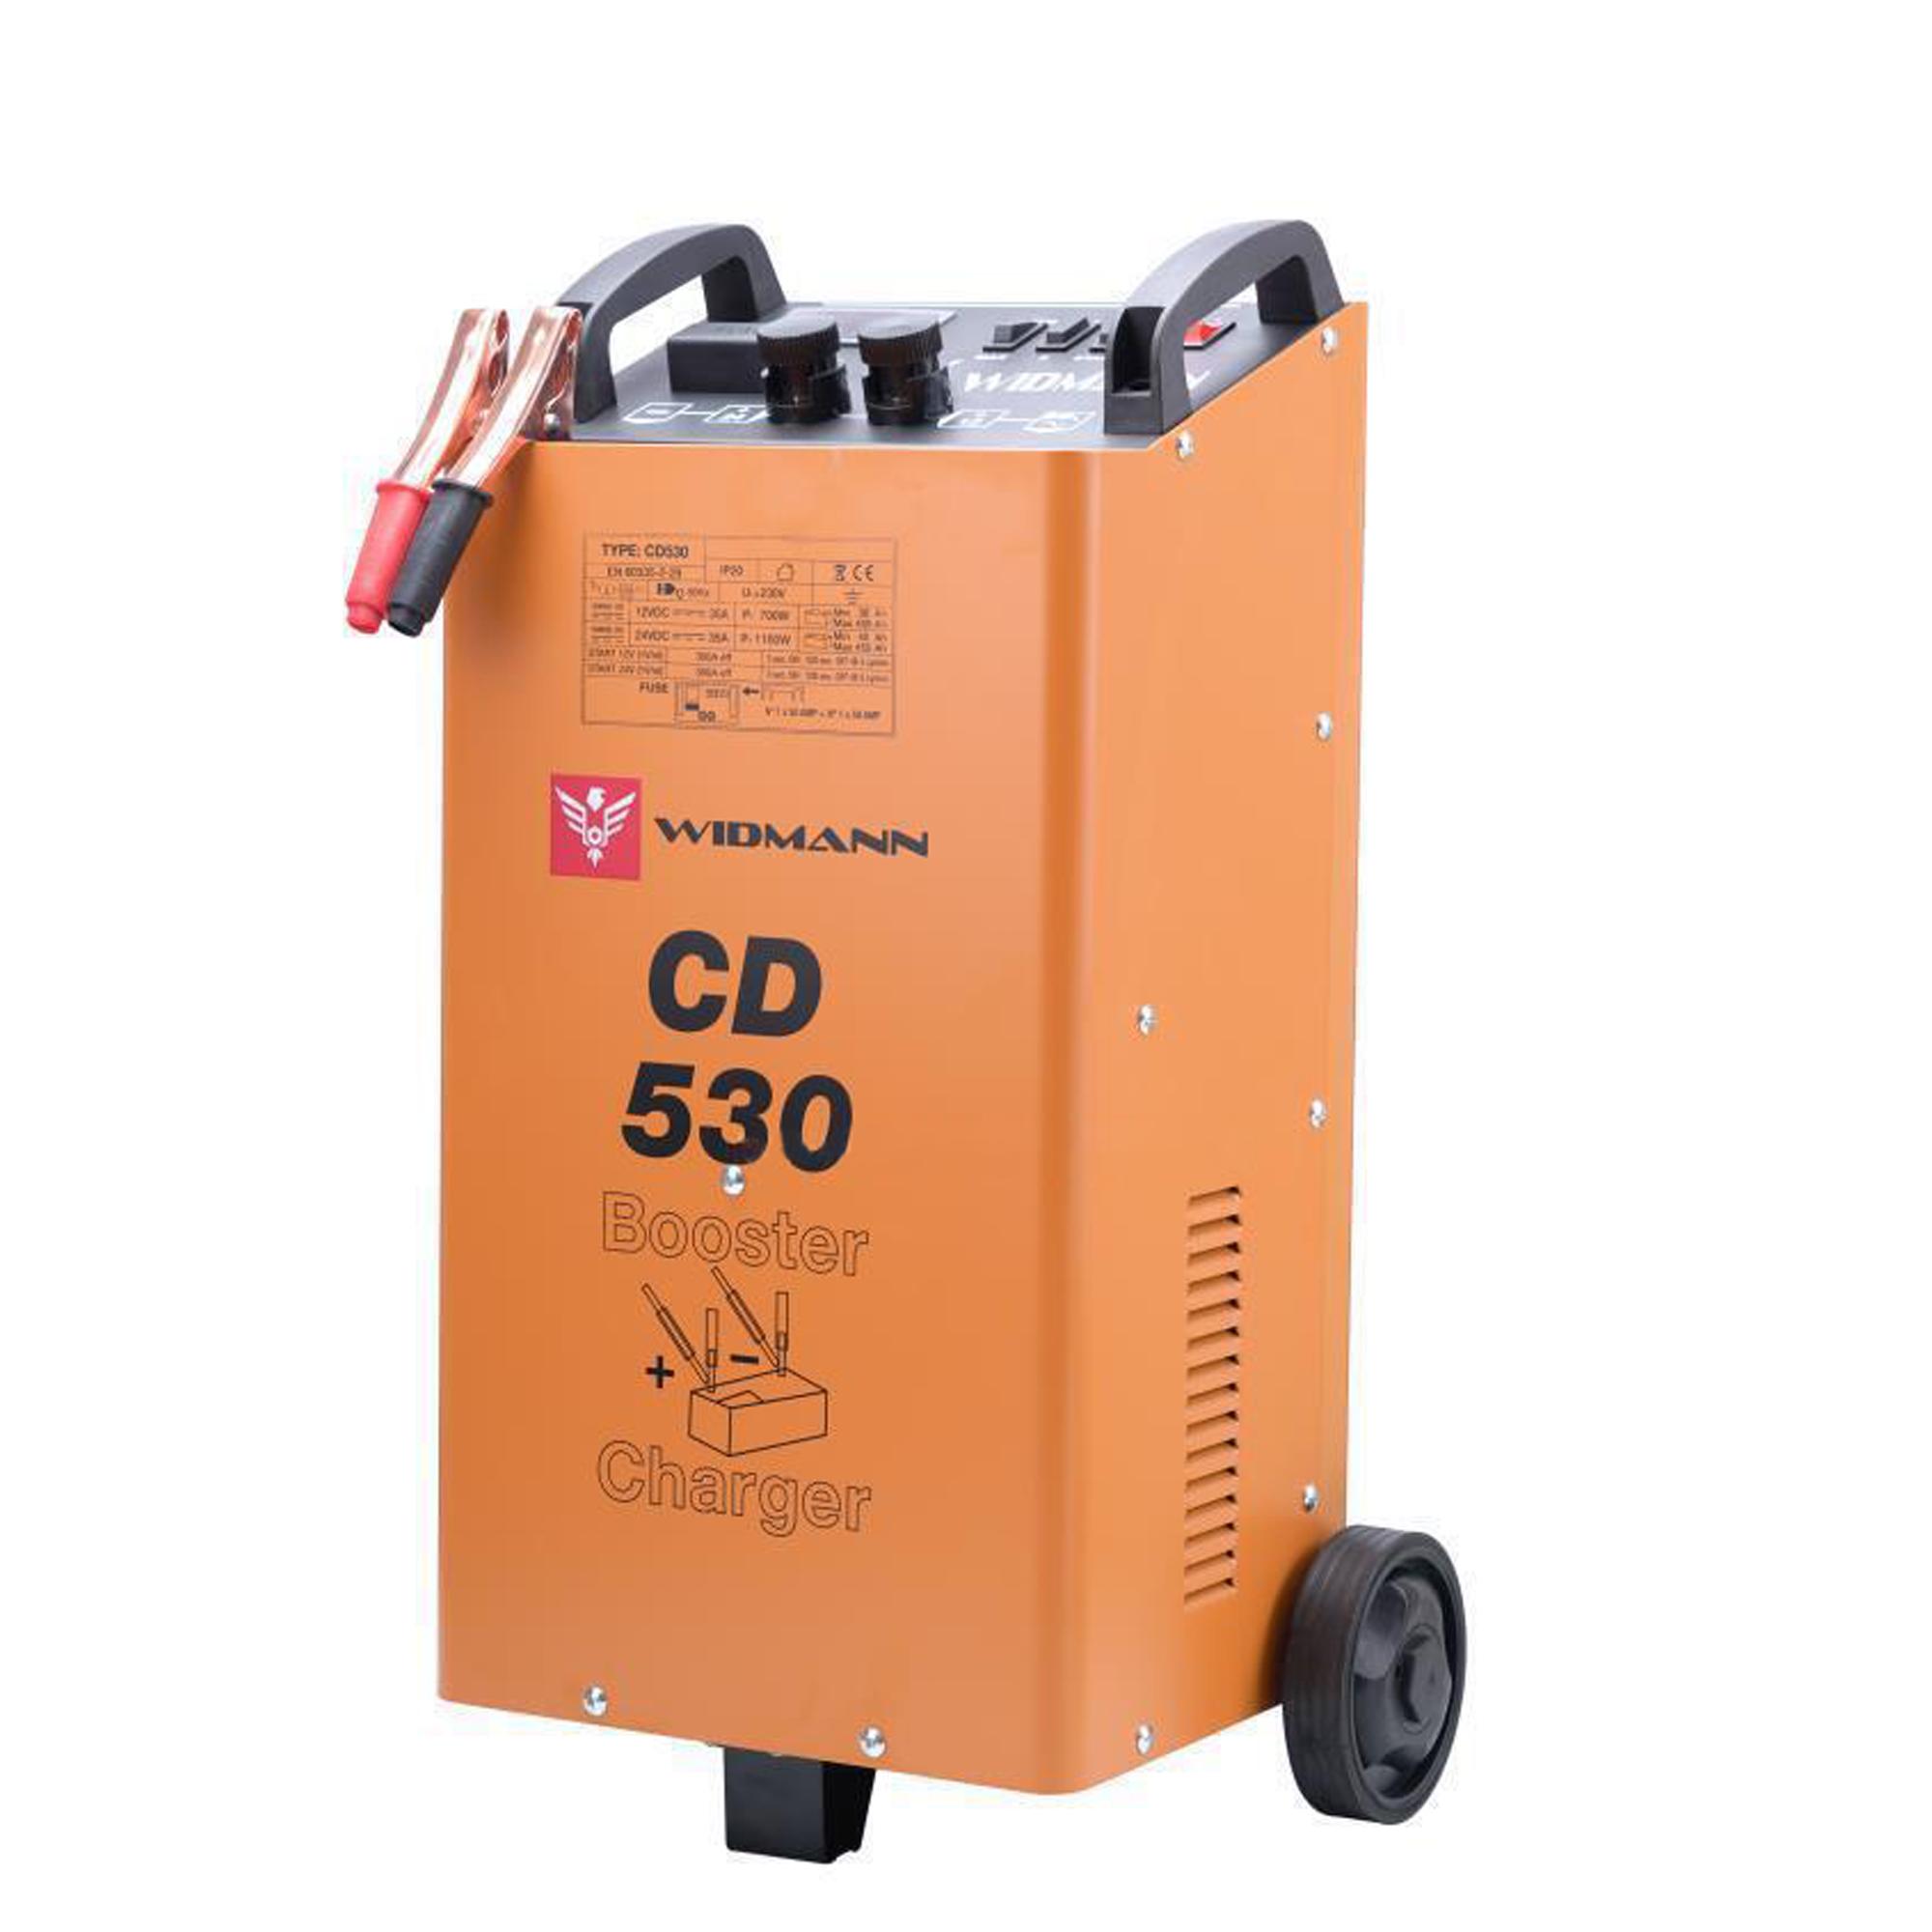 Widmann CD-530 : Chargeur et démarreur de batterie 12V/24V